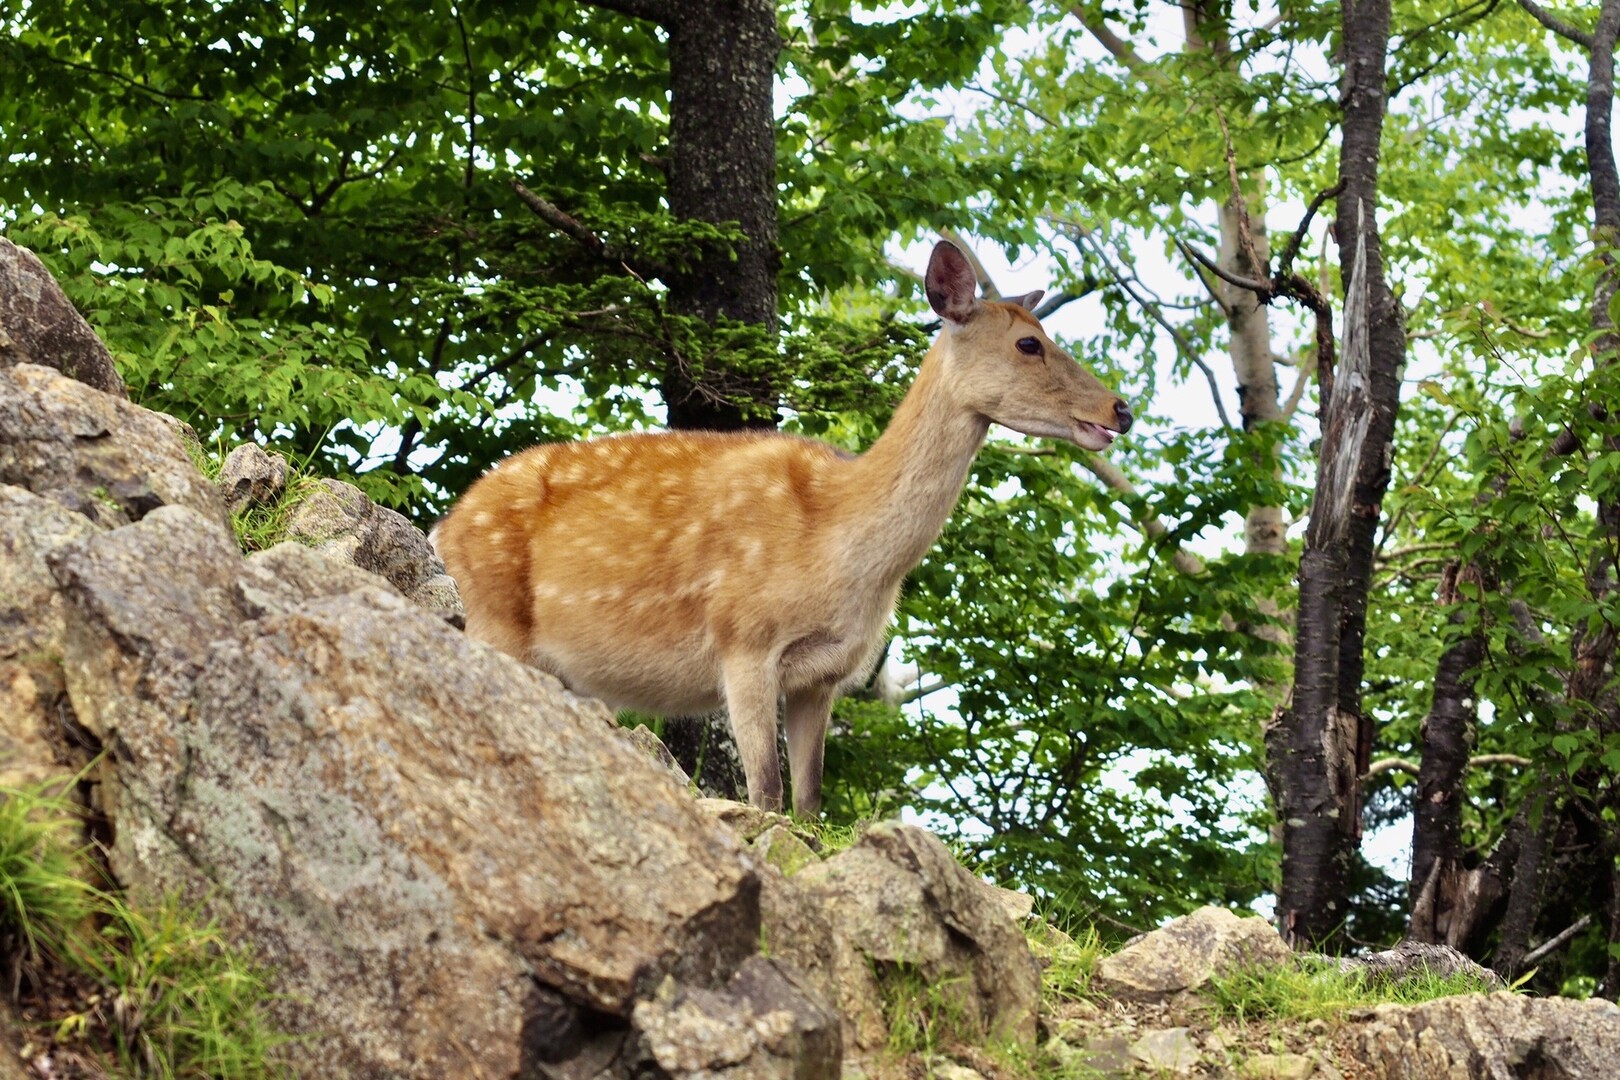 落ち着いて食べるためにちょっとションベンに・・・と外へ出るとまぁ!可愛い鹿さんが小屋の周りをウロウロしている。🦌<br> <br> なんじゃこのキュートな雌鹿は。<br> あわててカメラを取りに戻る。<br> <br> 部「外に鹿いますよ!!!」<br> も「えー!今作ってんだけど! ちょっと待ってー」<br> 部「残念です。先行ってます。」<br> も「🌚」